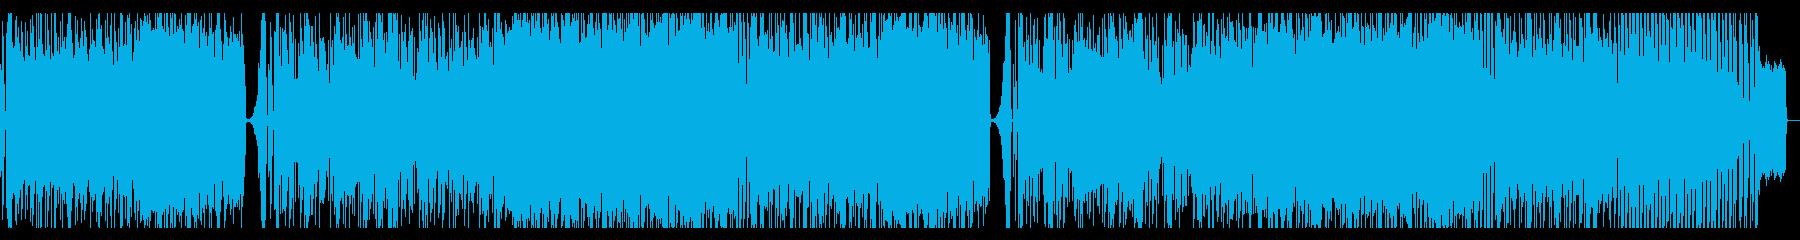 レースゲームBGM的爽快DnB(メロ無)の再生済みの波形